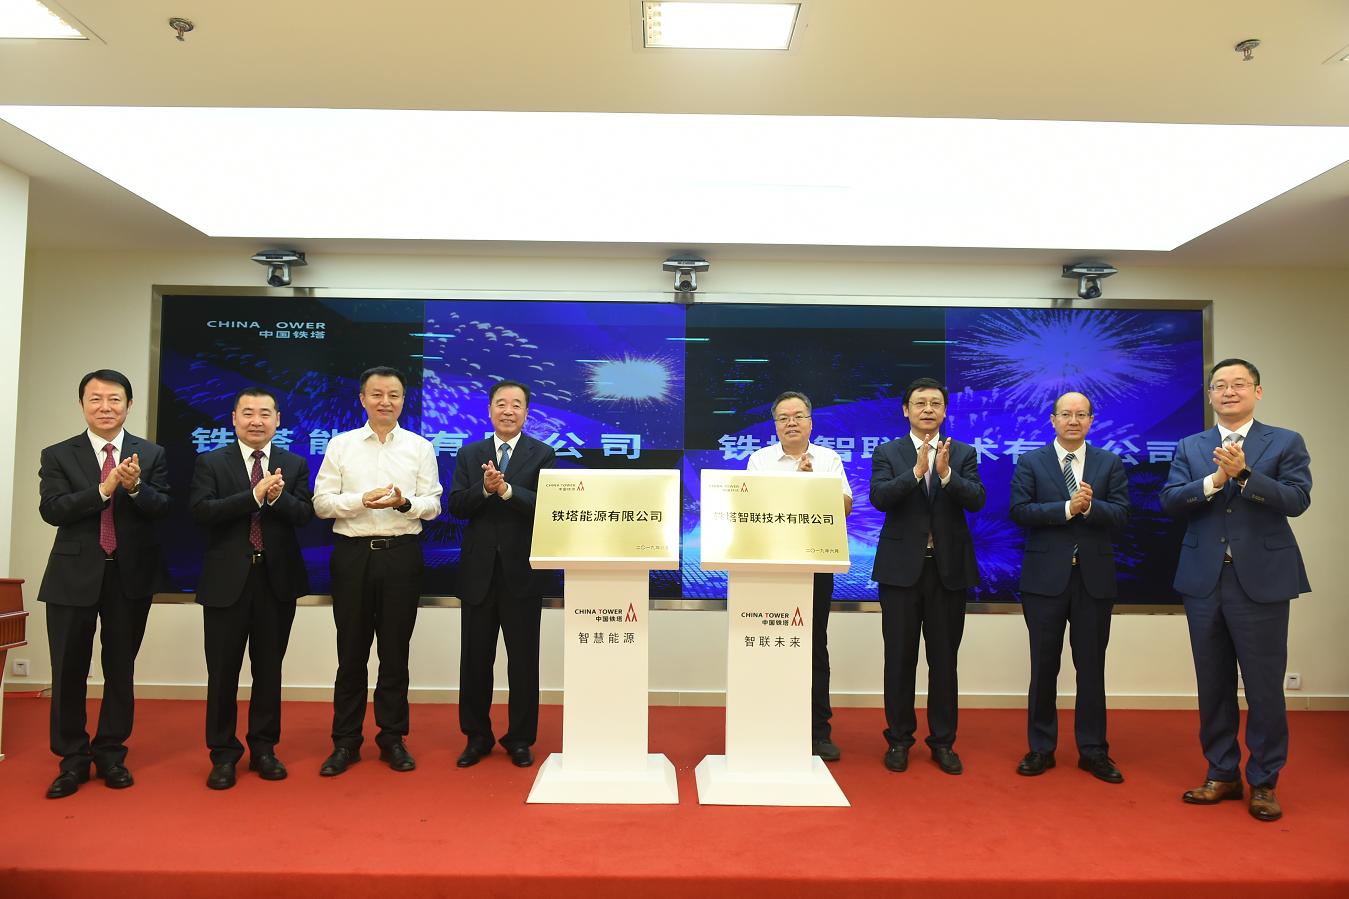 中国铁塔两个全资子公司挂牌成立 分别服务能源与信息化领域